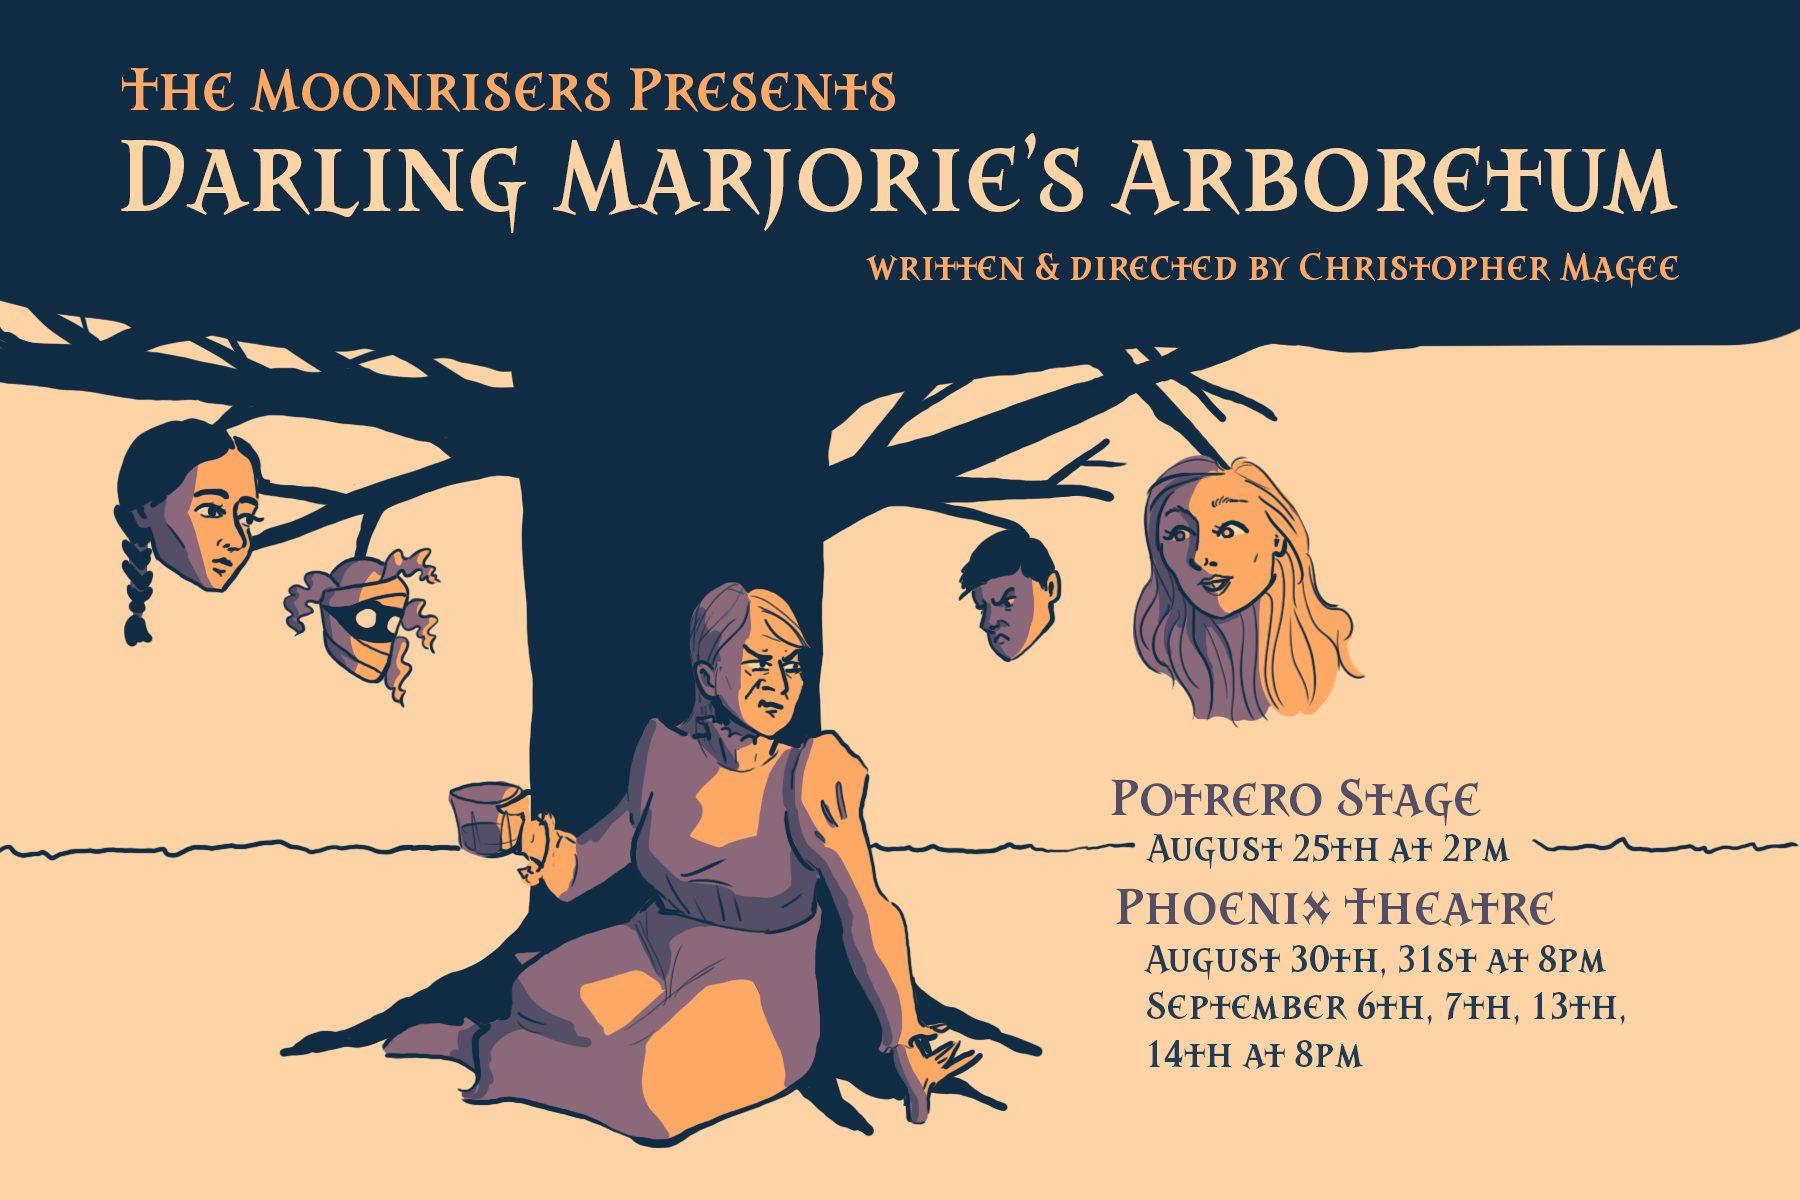 Darling Marjorie's Arboraetum